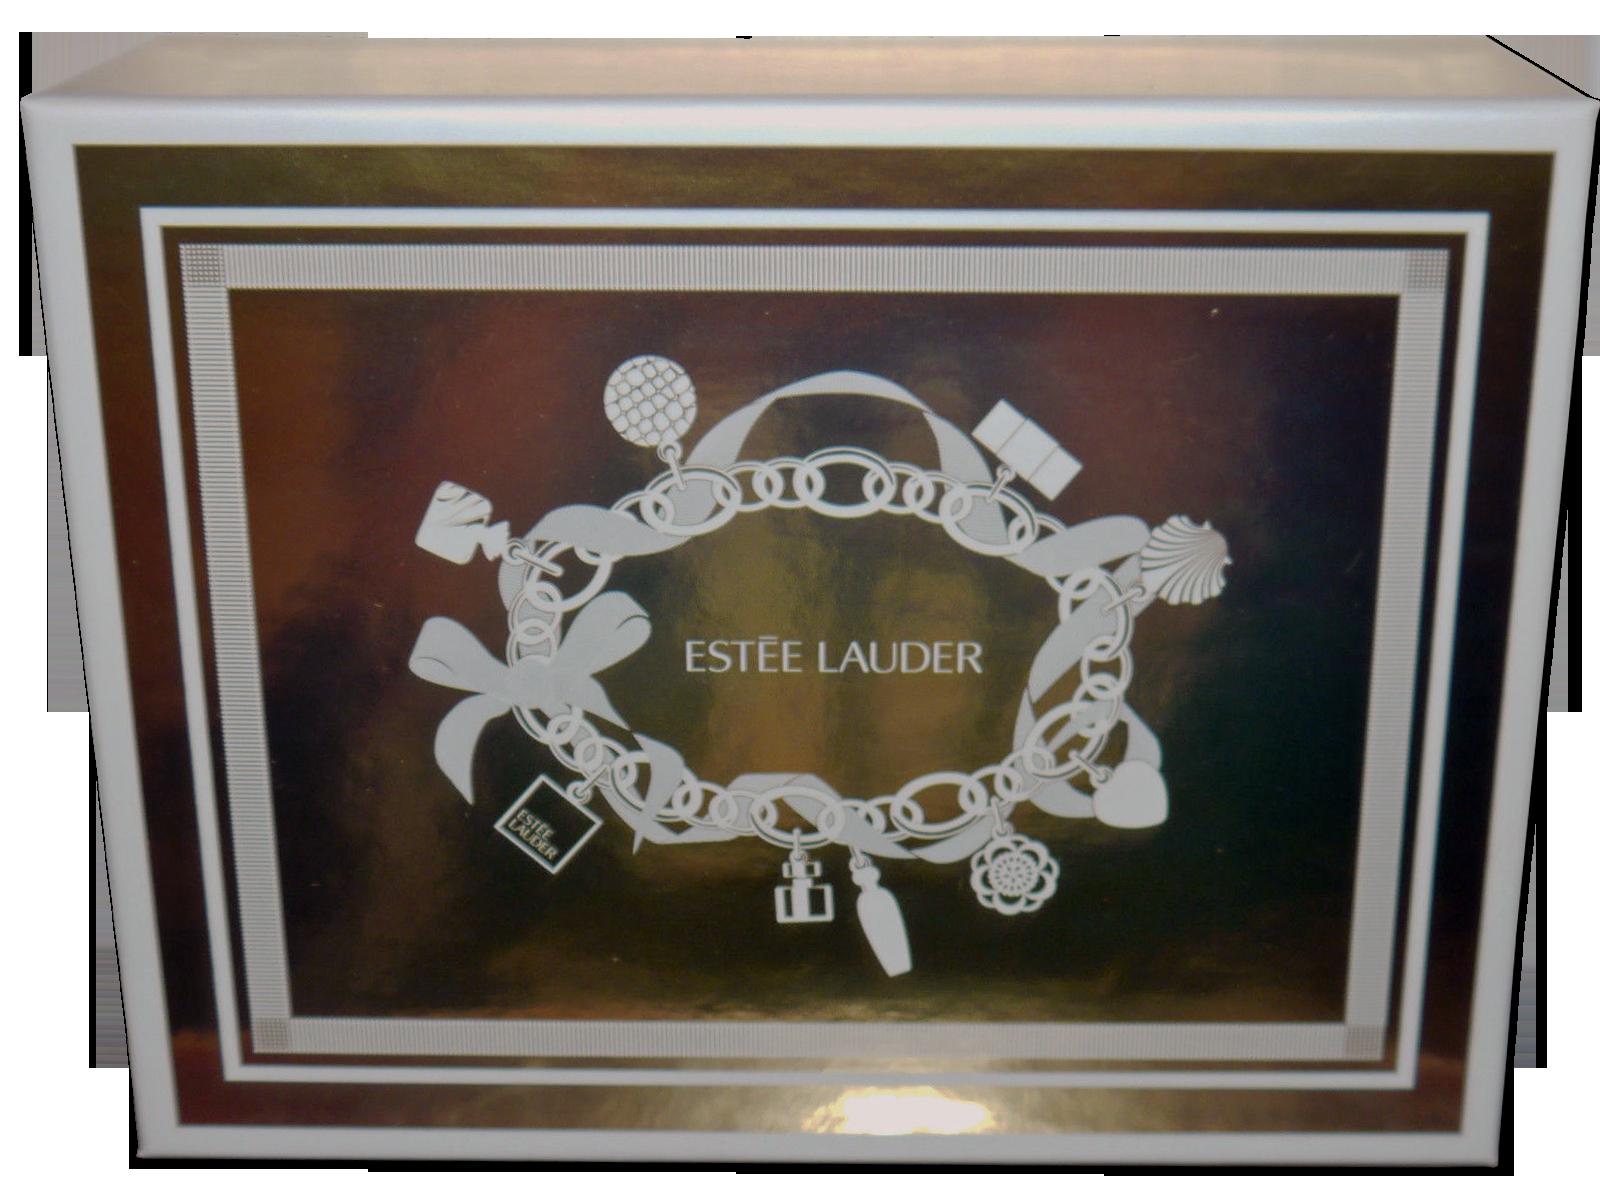 Estee Lauder 4 Piece Even Skin Tone System 14702